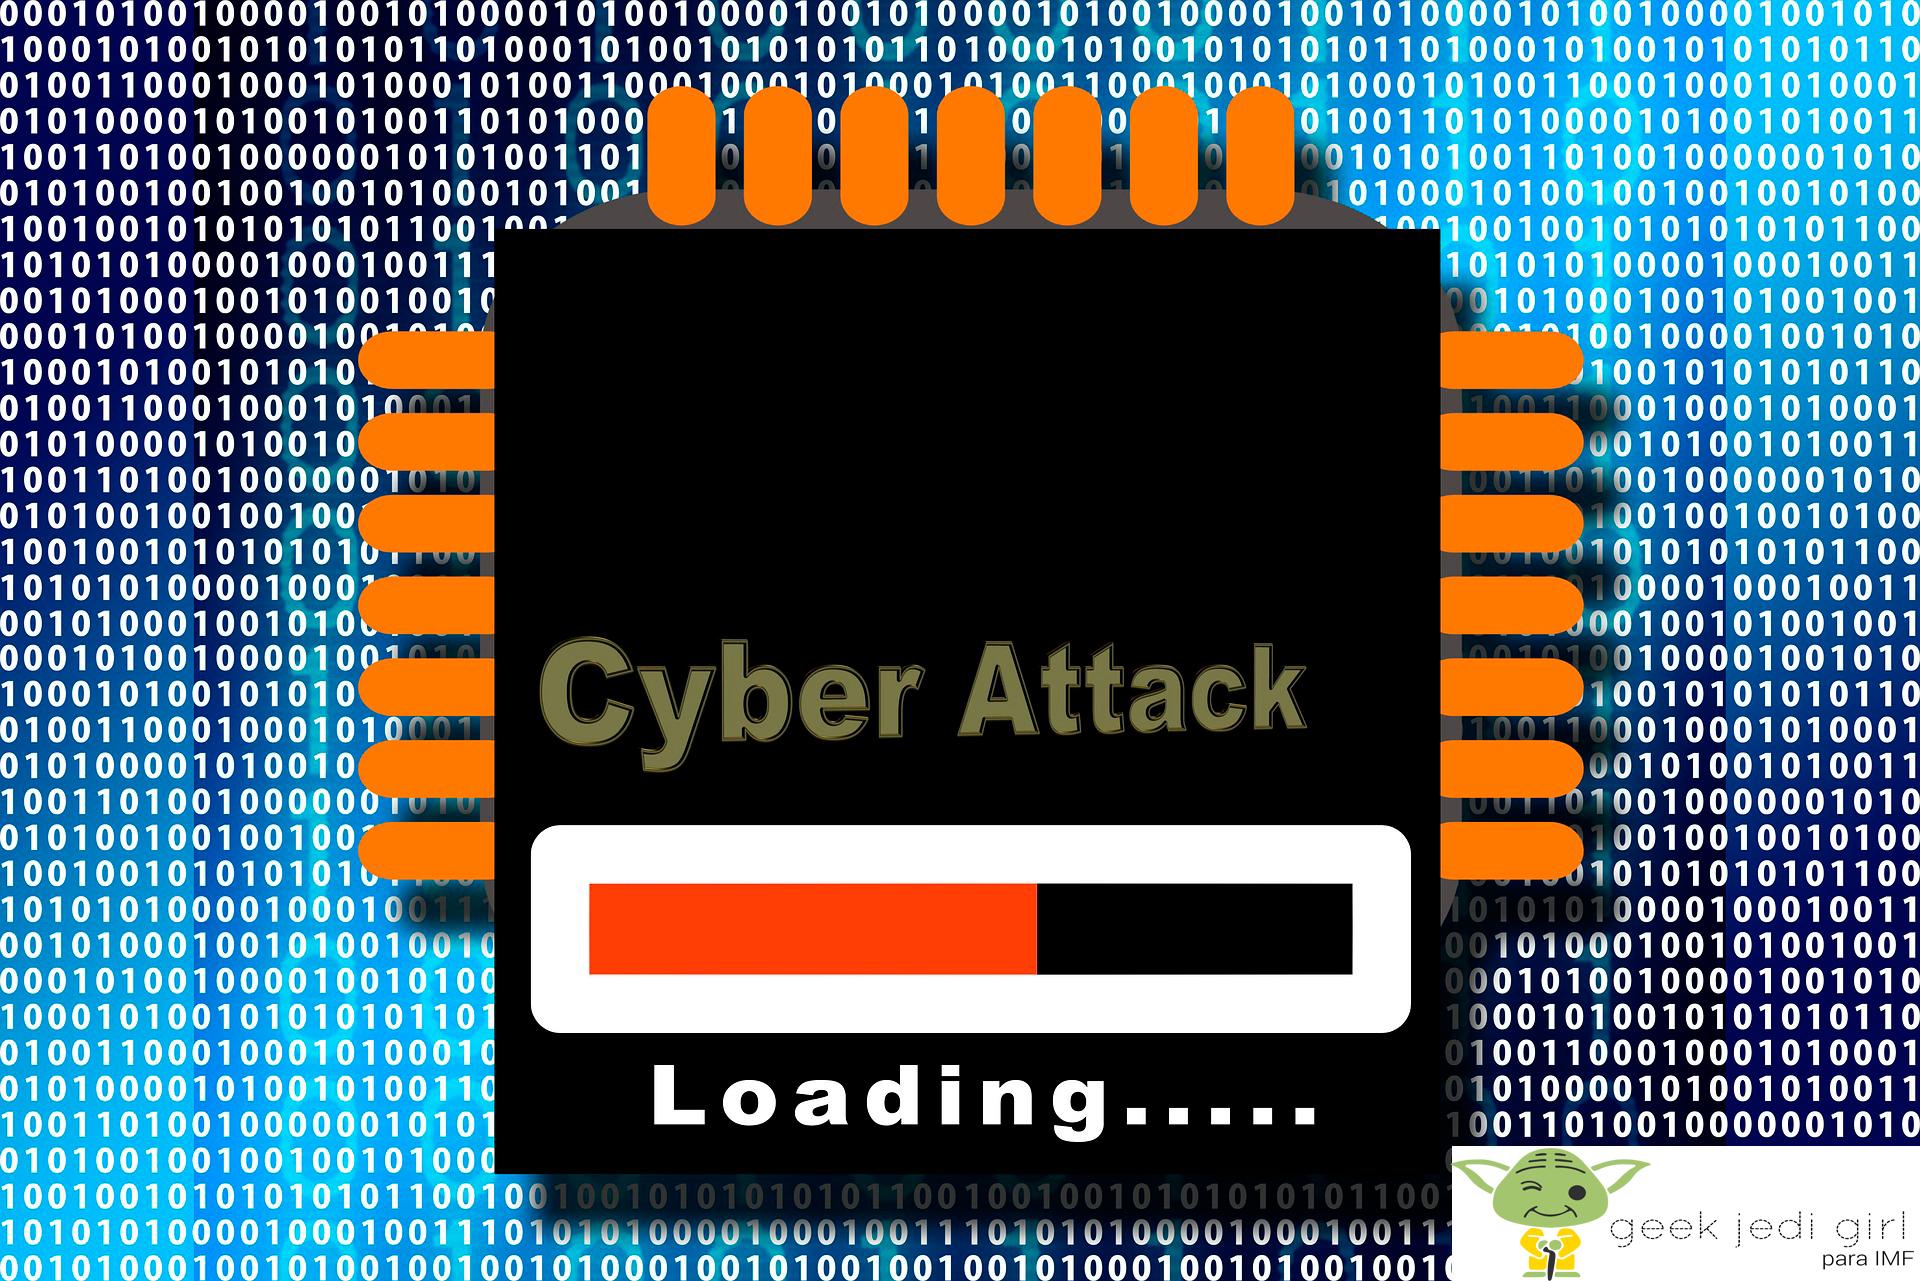 ciberataques-espana2 Así es la realidad de la seguridad informática en España